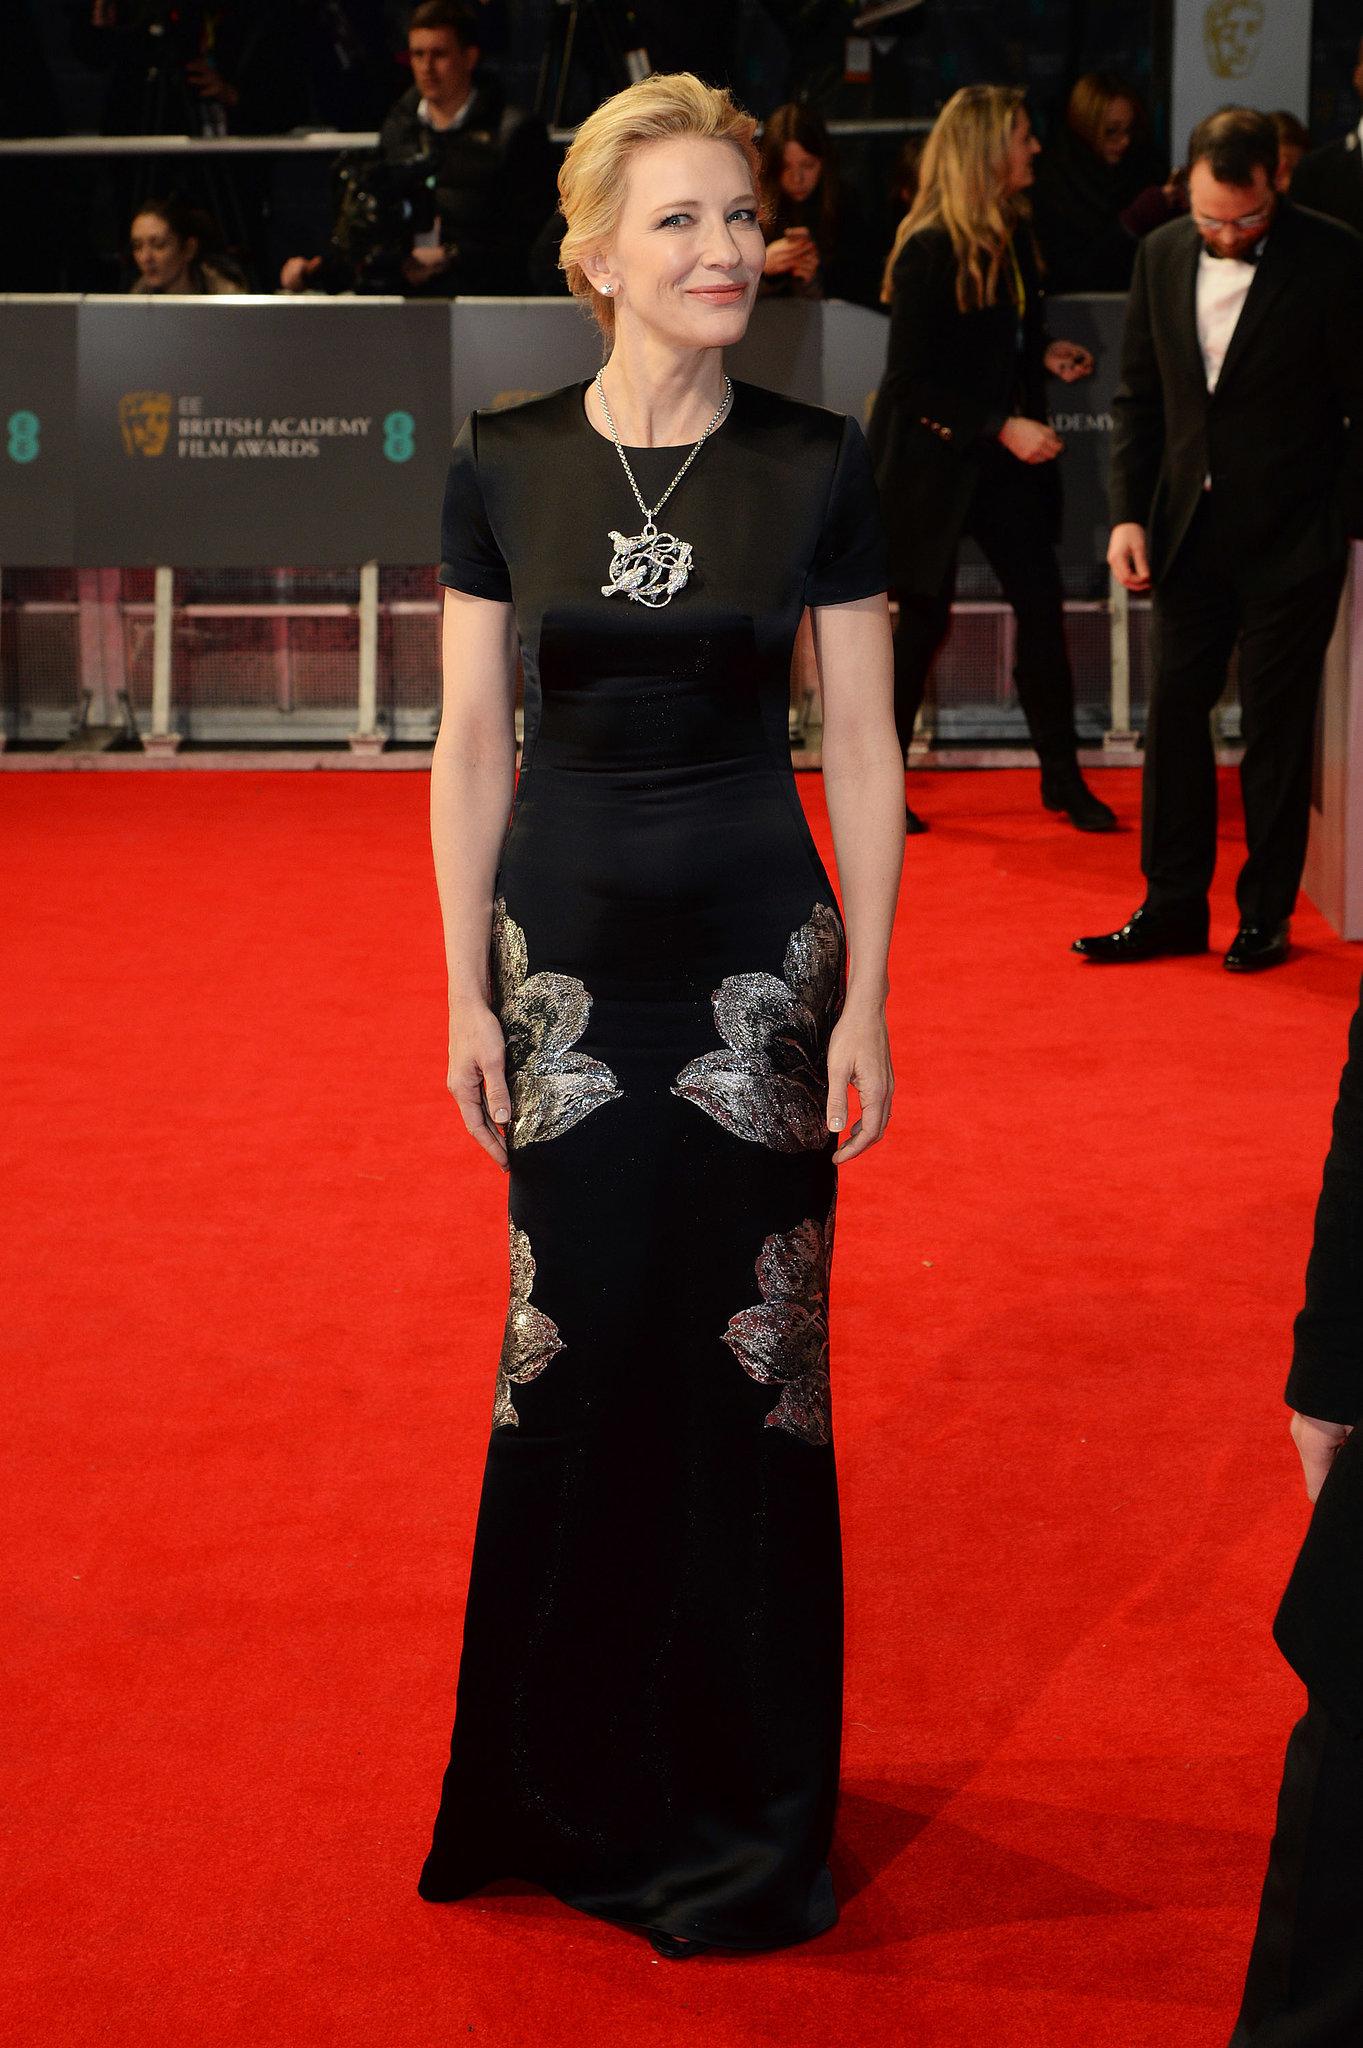 Cate Blanchett on the 2014 BAFTA Red Carpet